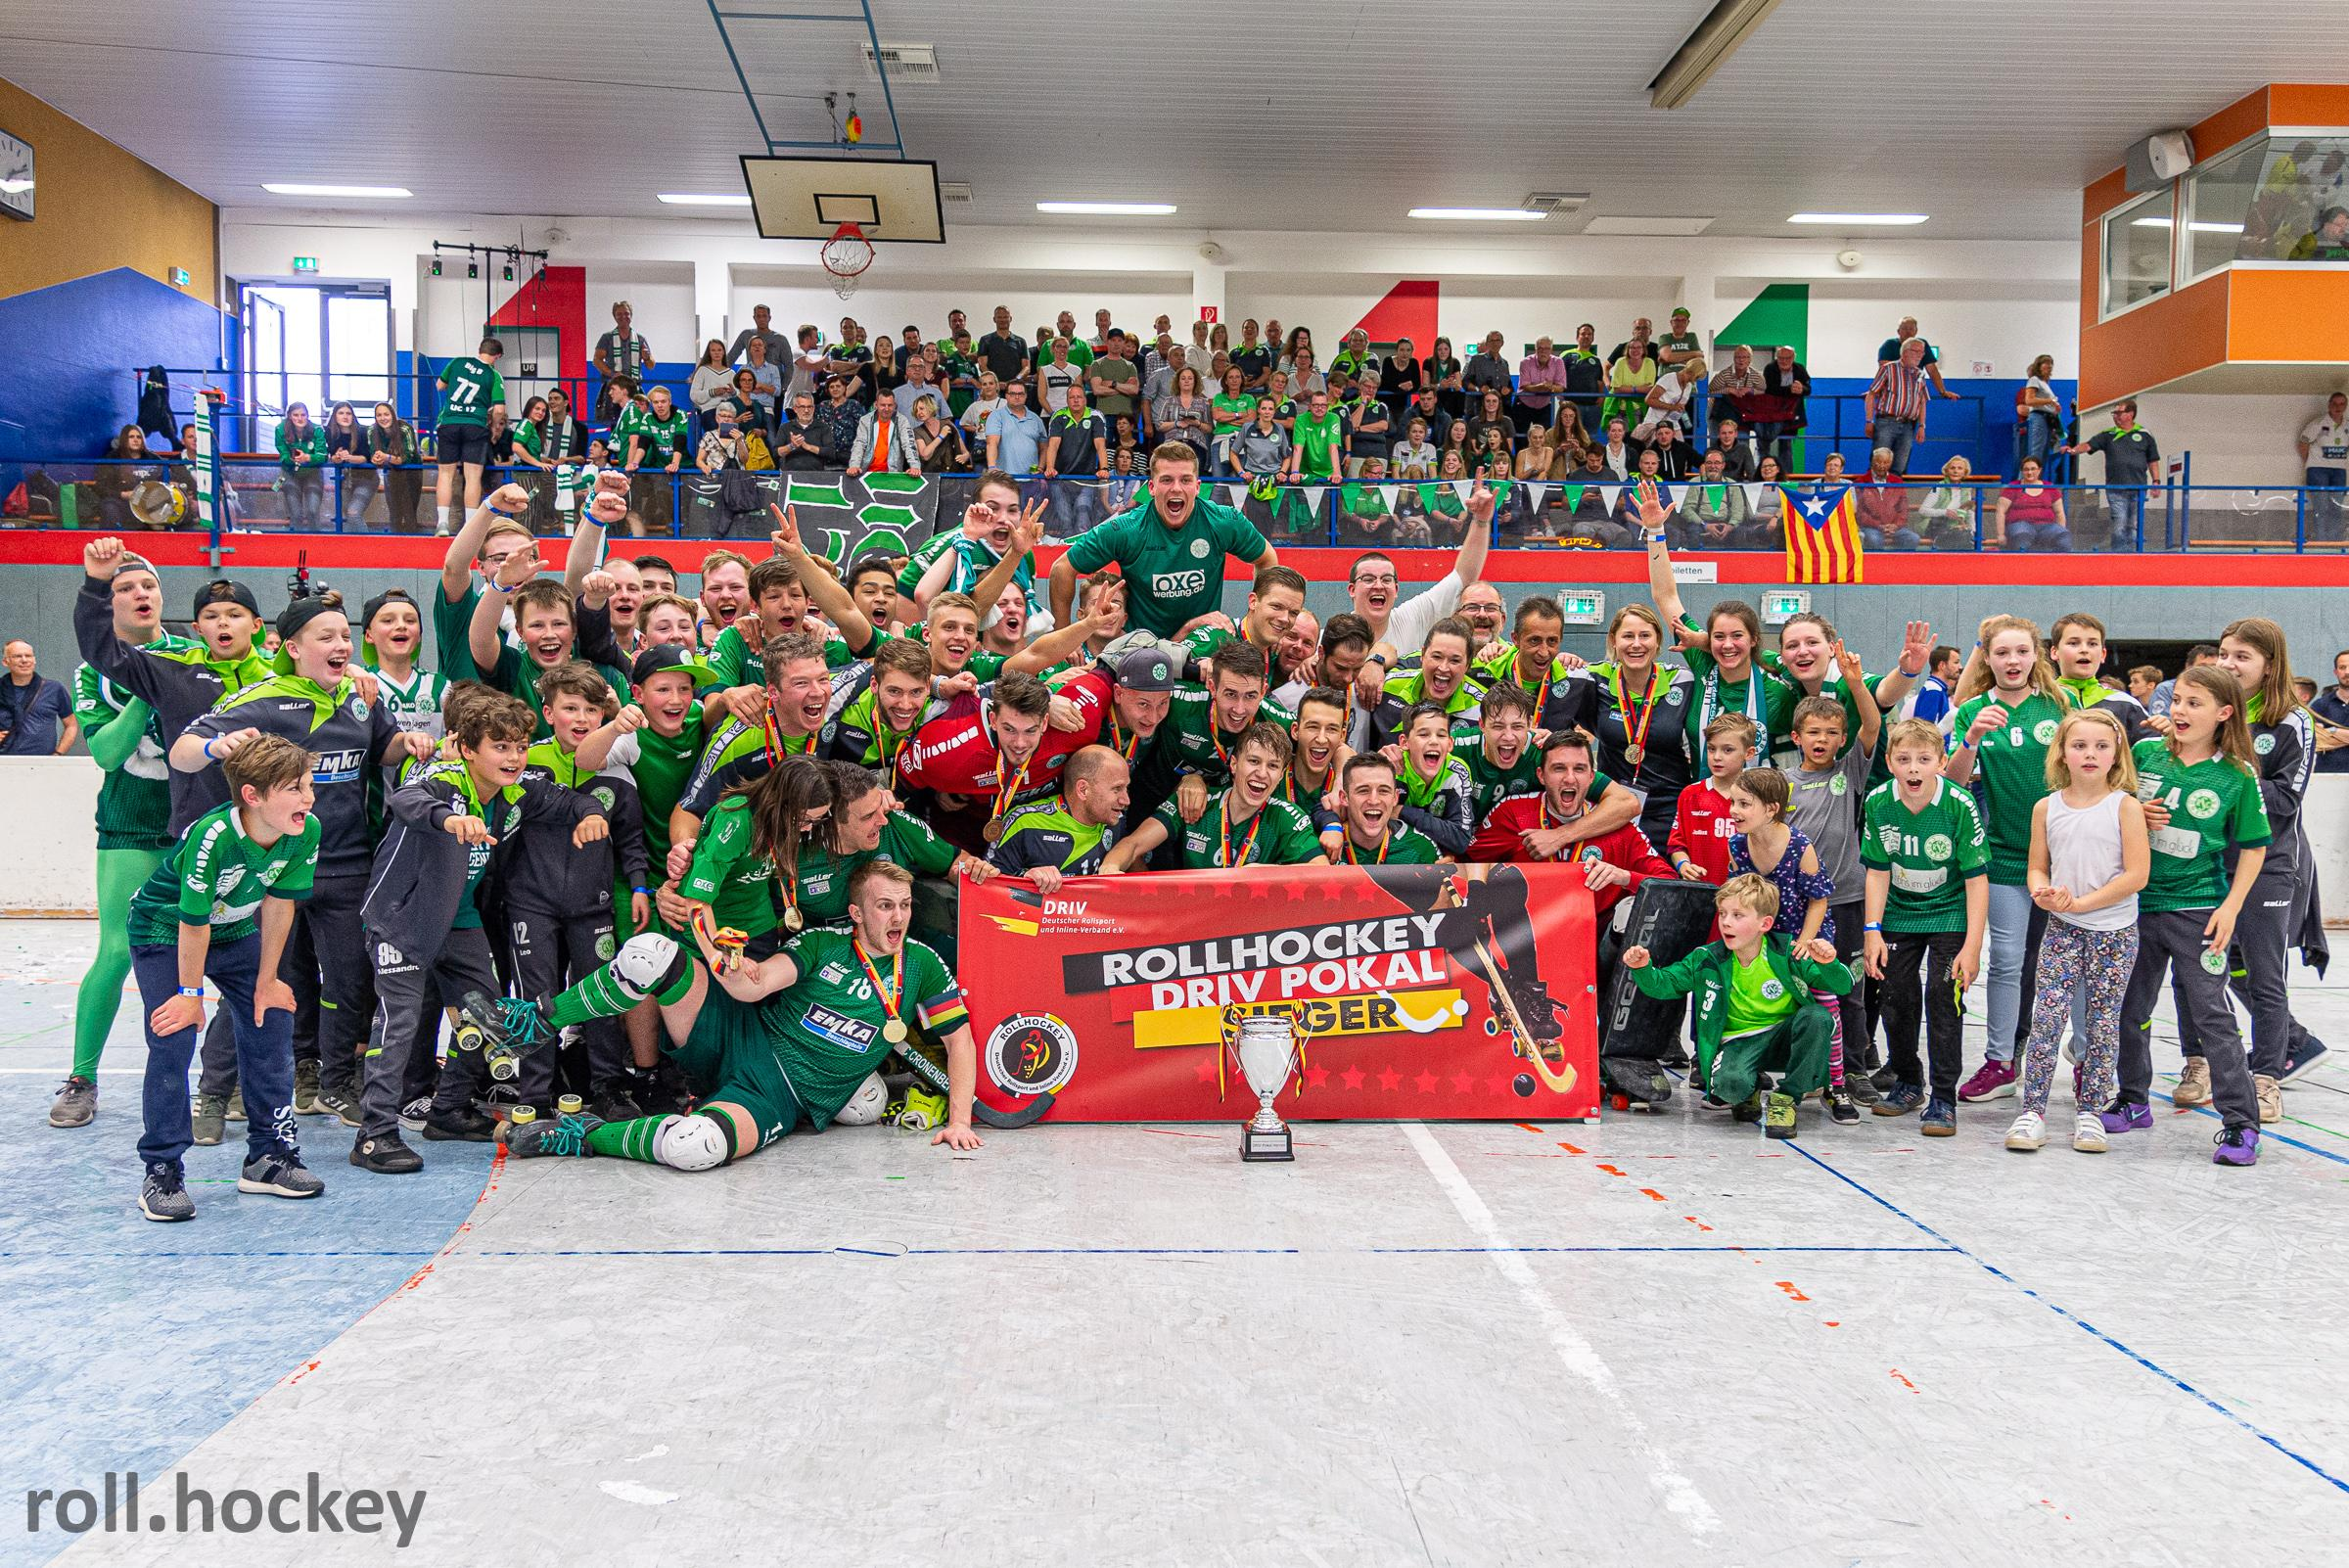 RSC Cronenberg Rollhockey DRIV-Pokal Finale Herren 26.05.2019